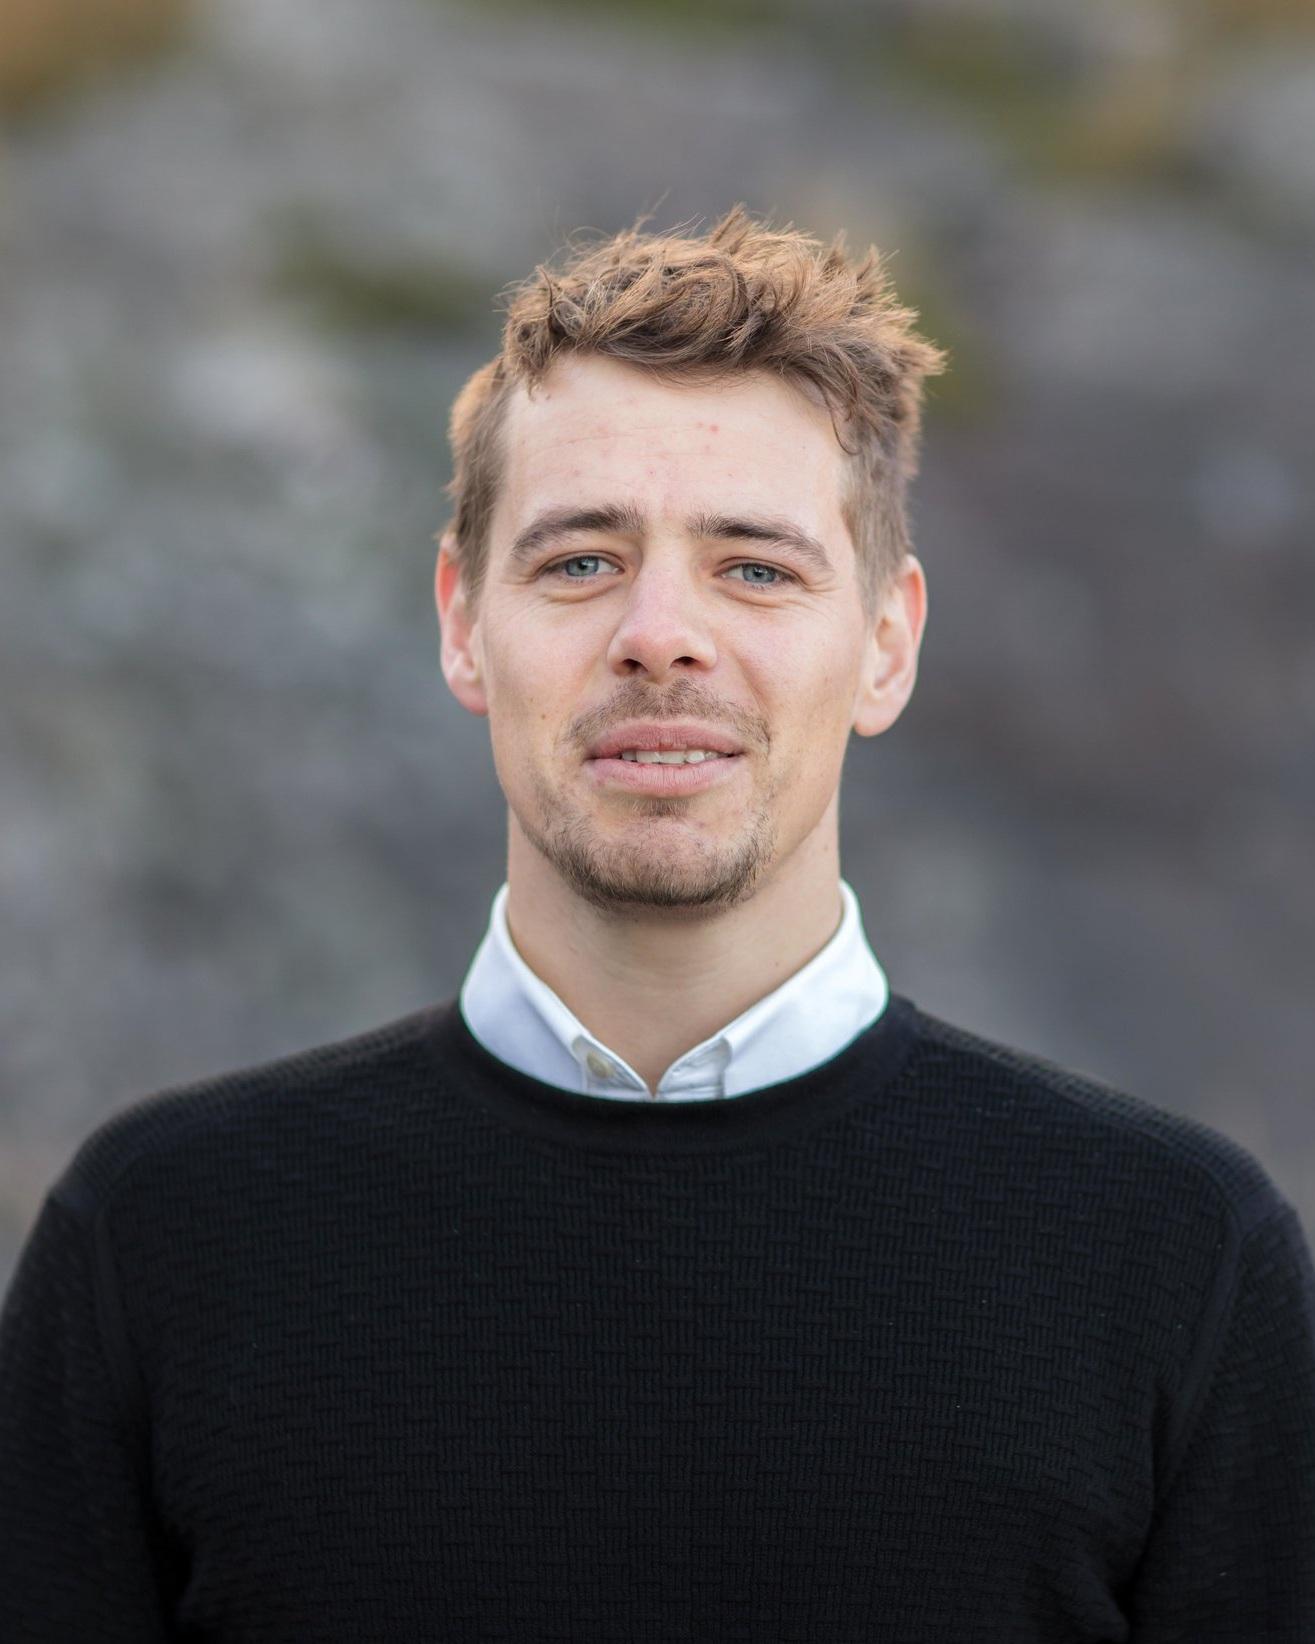 Kjetil Dversnes Consultant Advisor ➤ Kristiansand (Sør Arena) ☎ +47 918 63 799 ✉ kjetil@advantek.no